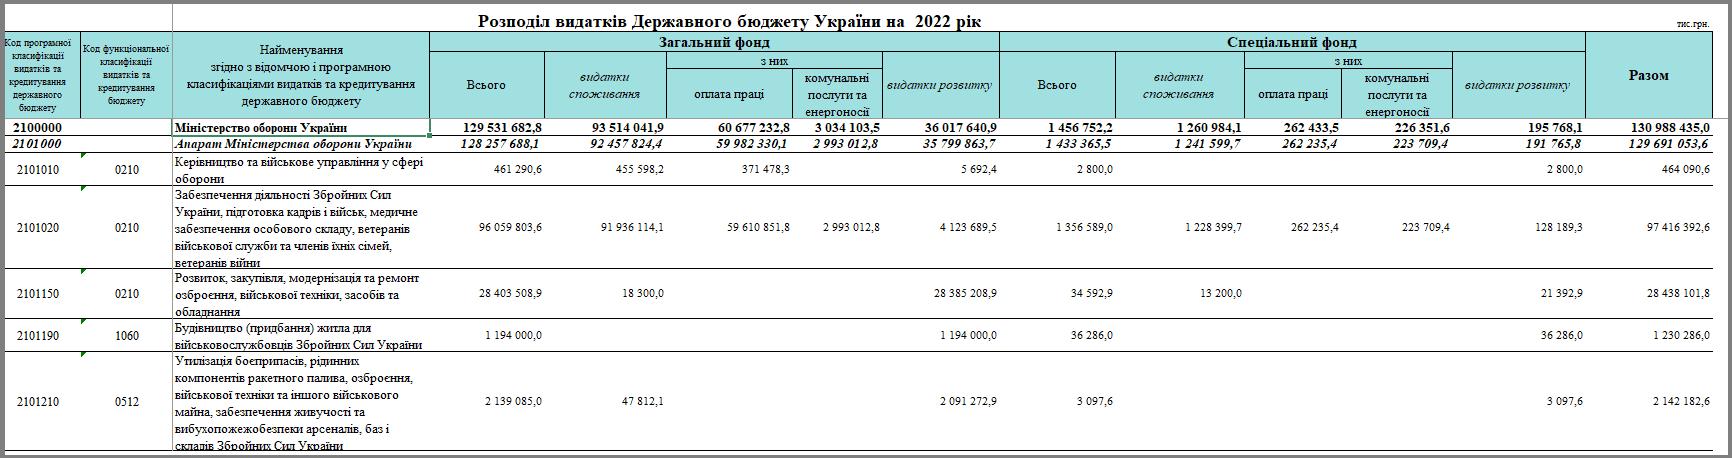 Державний бюджет України на 2022 рік. Розподіл видатків.